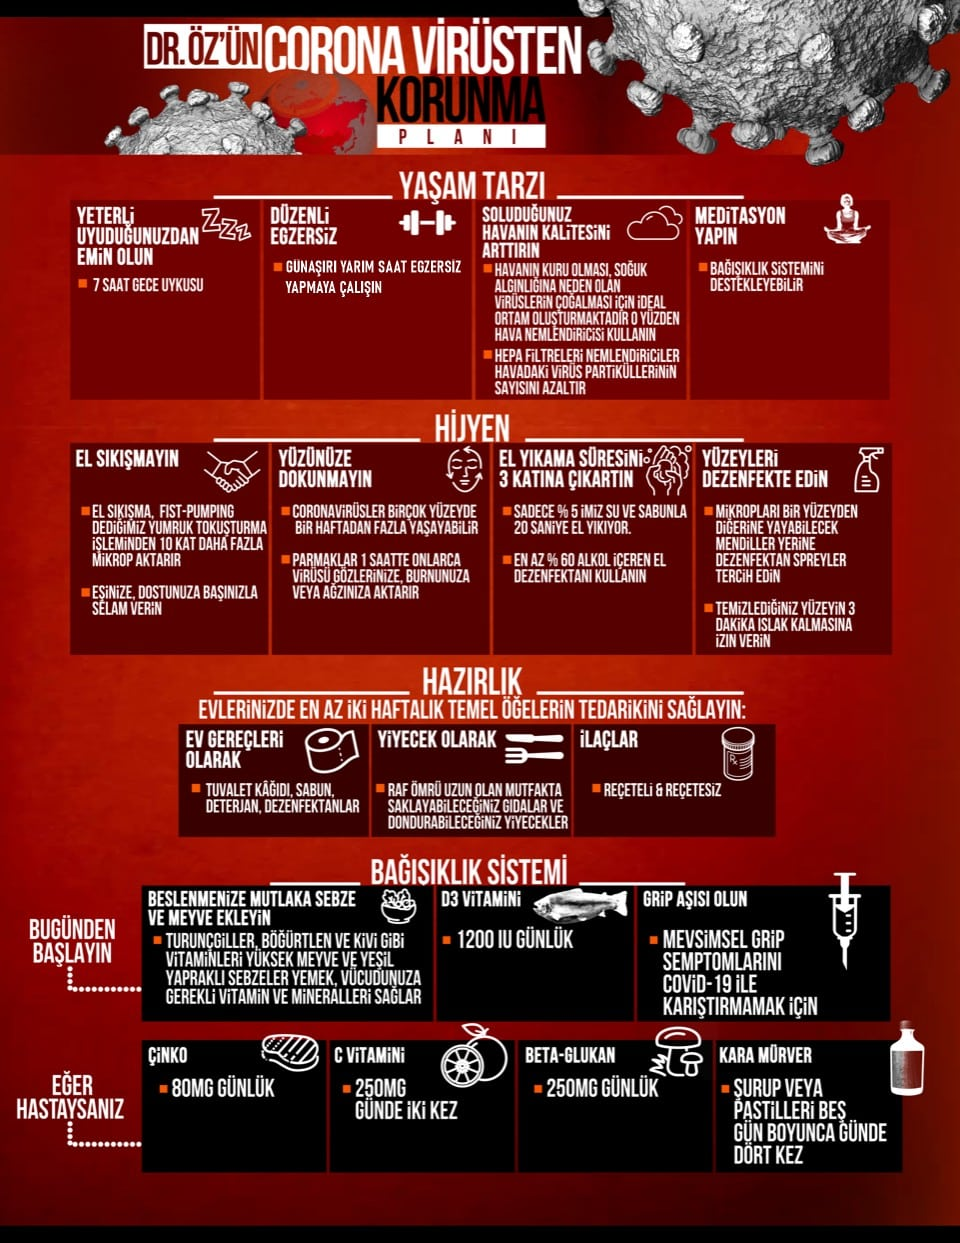 Dr. Mehmet Öz corona virüsü korunma planı (infografik)